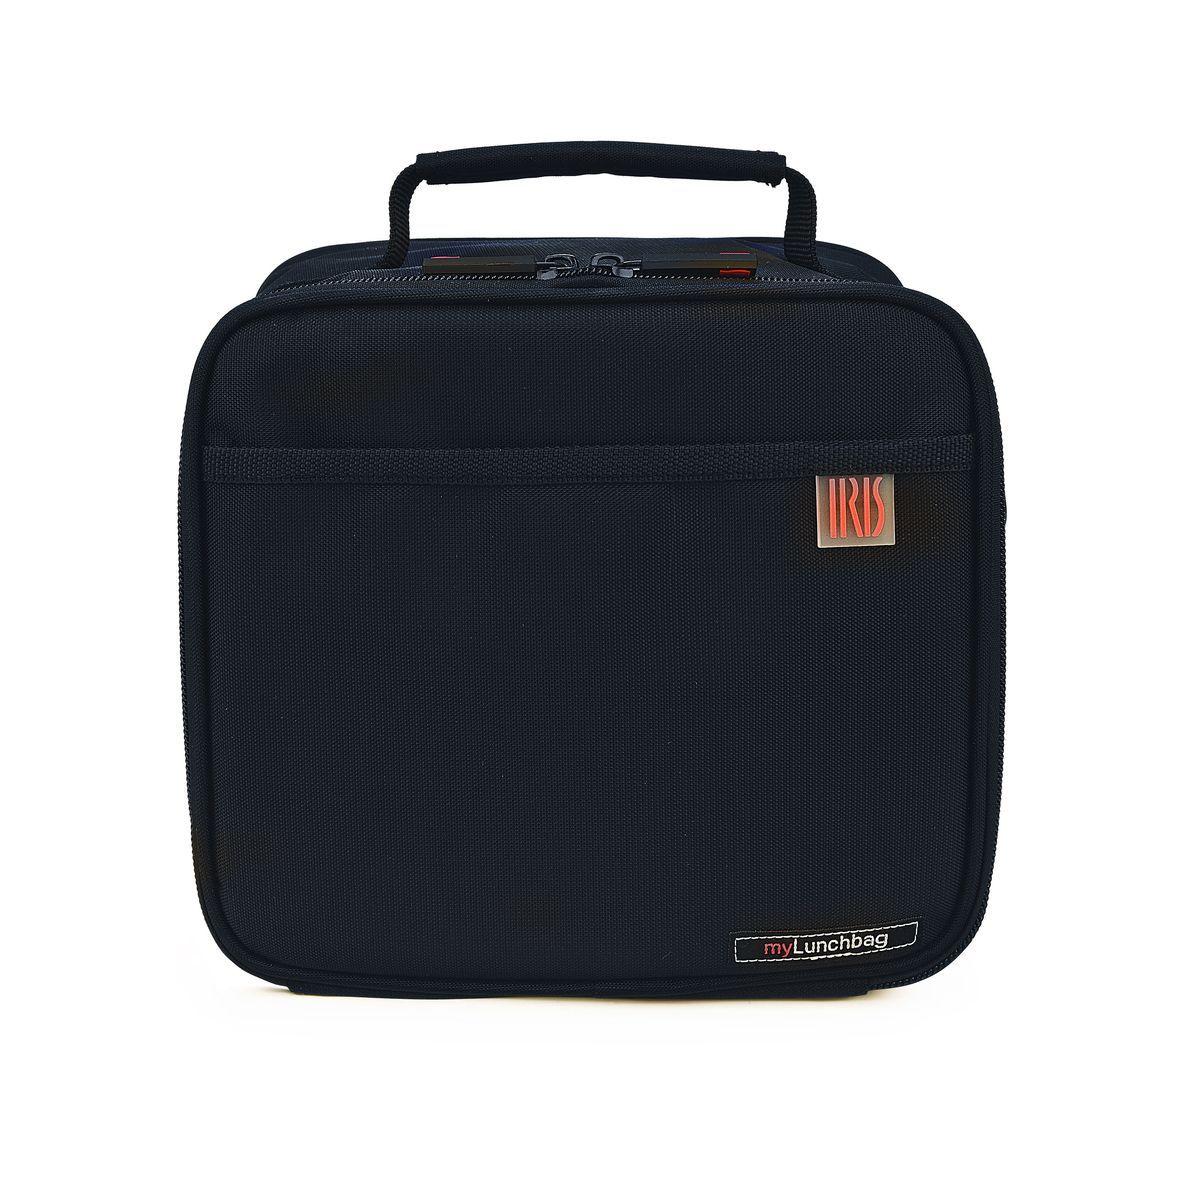 Термо ланч-бокс Iris CLASSIC POCKET MyLunchbag, без контейнеров, цвет: черный термосумка для ланч бокса iris barcelona basic mylunchbag цвет оранжевый